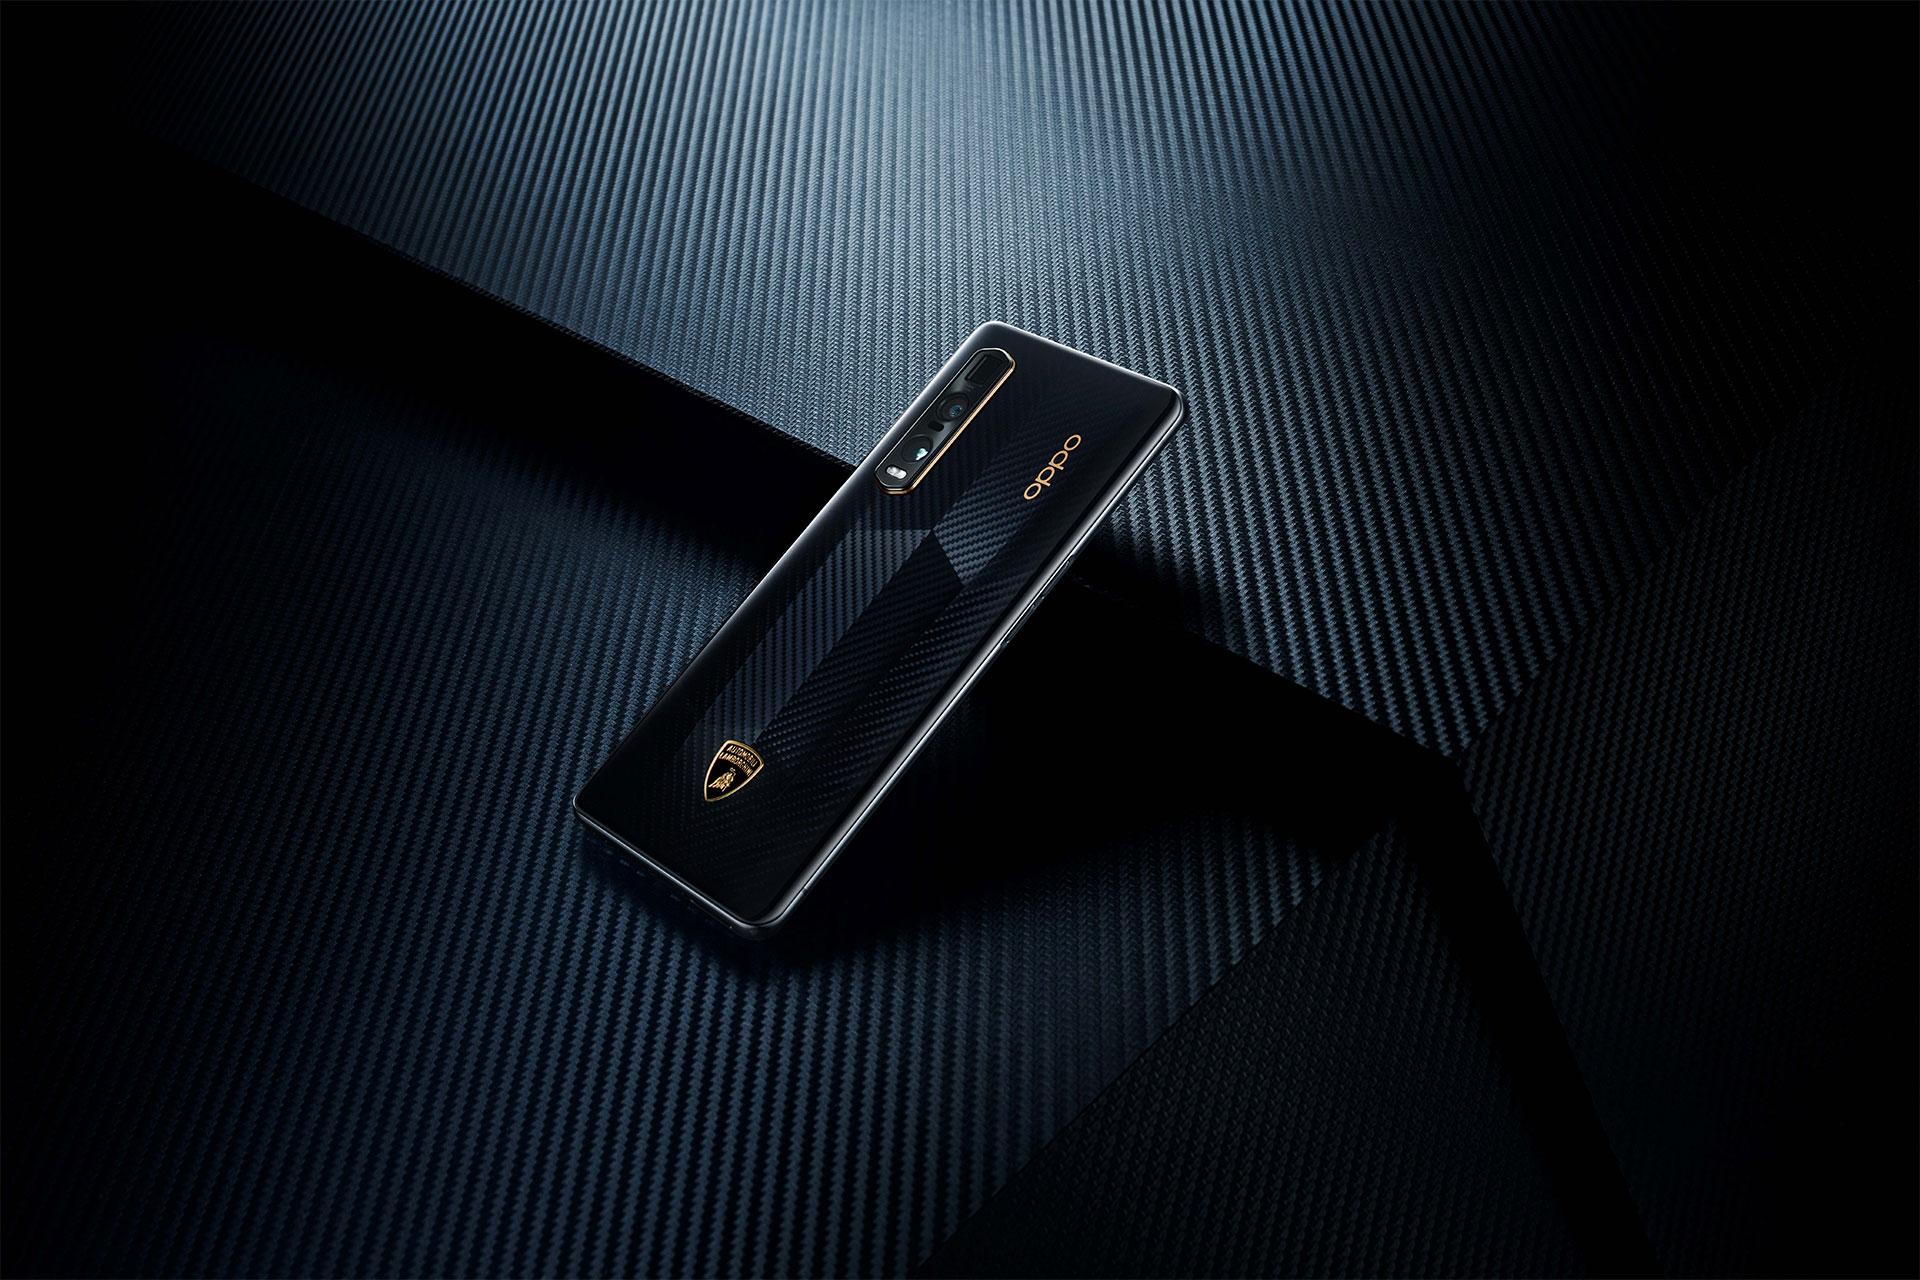 OPPO Find X2 Pro Automobili Lamborghini Edition toestel